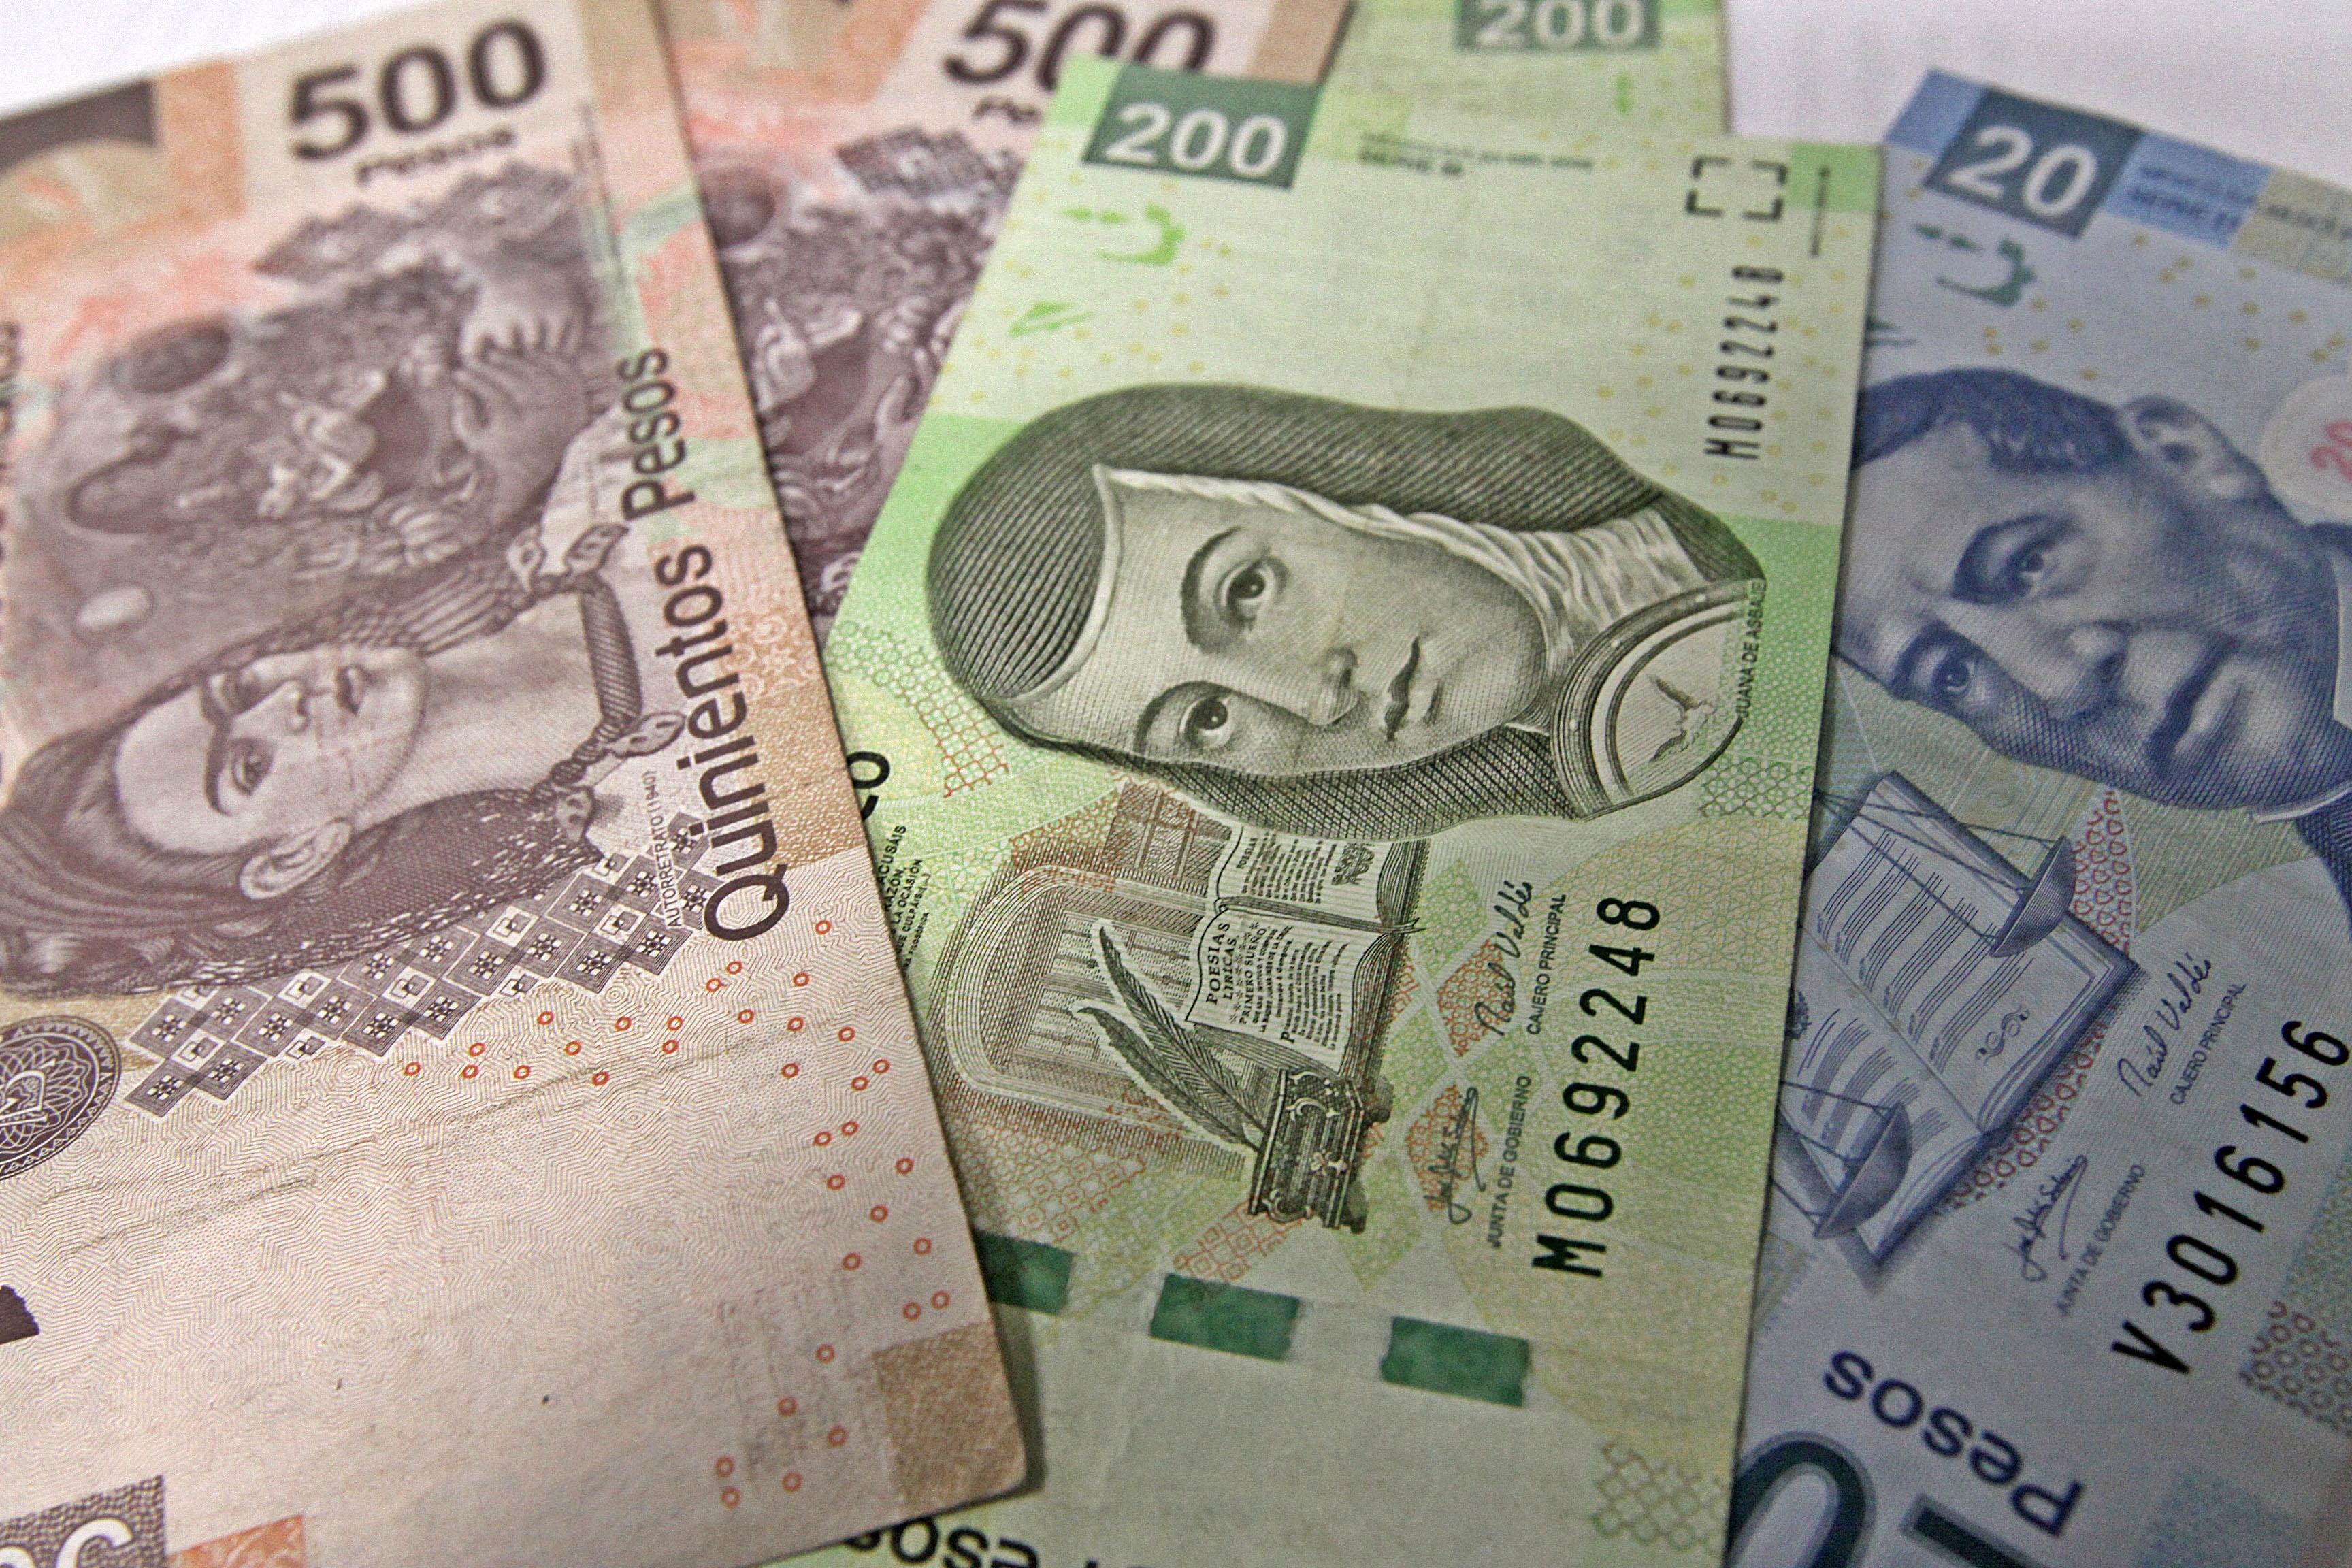 SM de 260 pesos es perfectamente posible: Investigadores